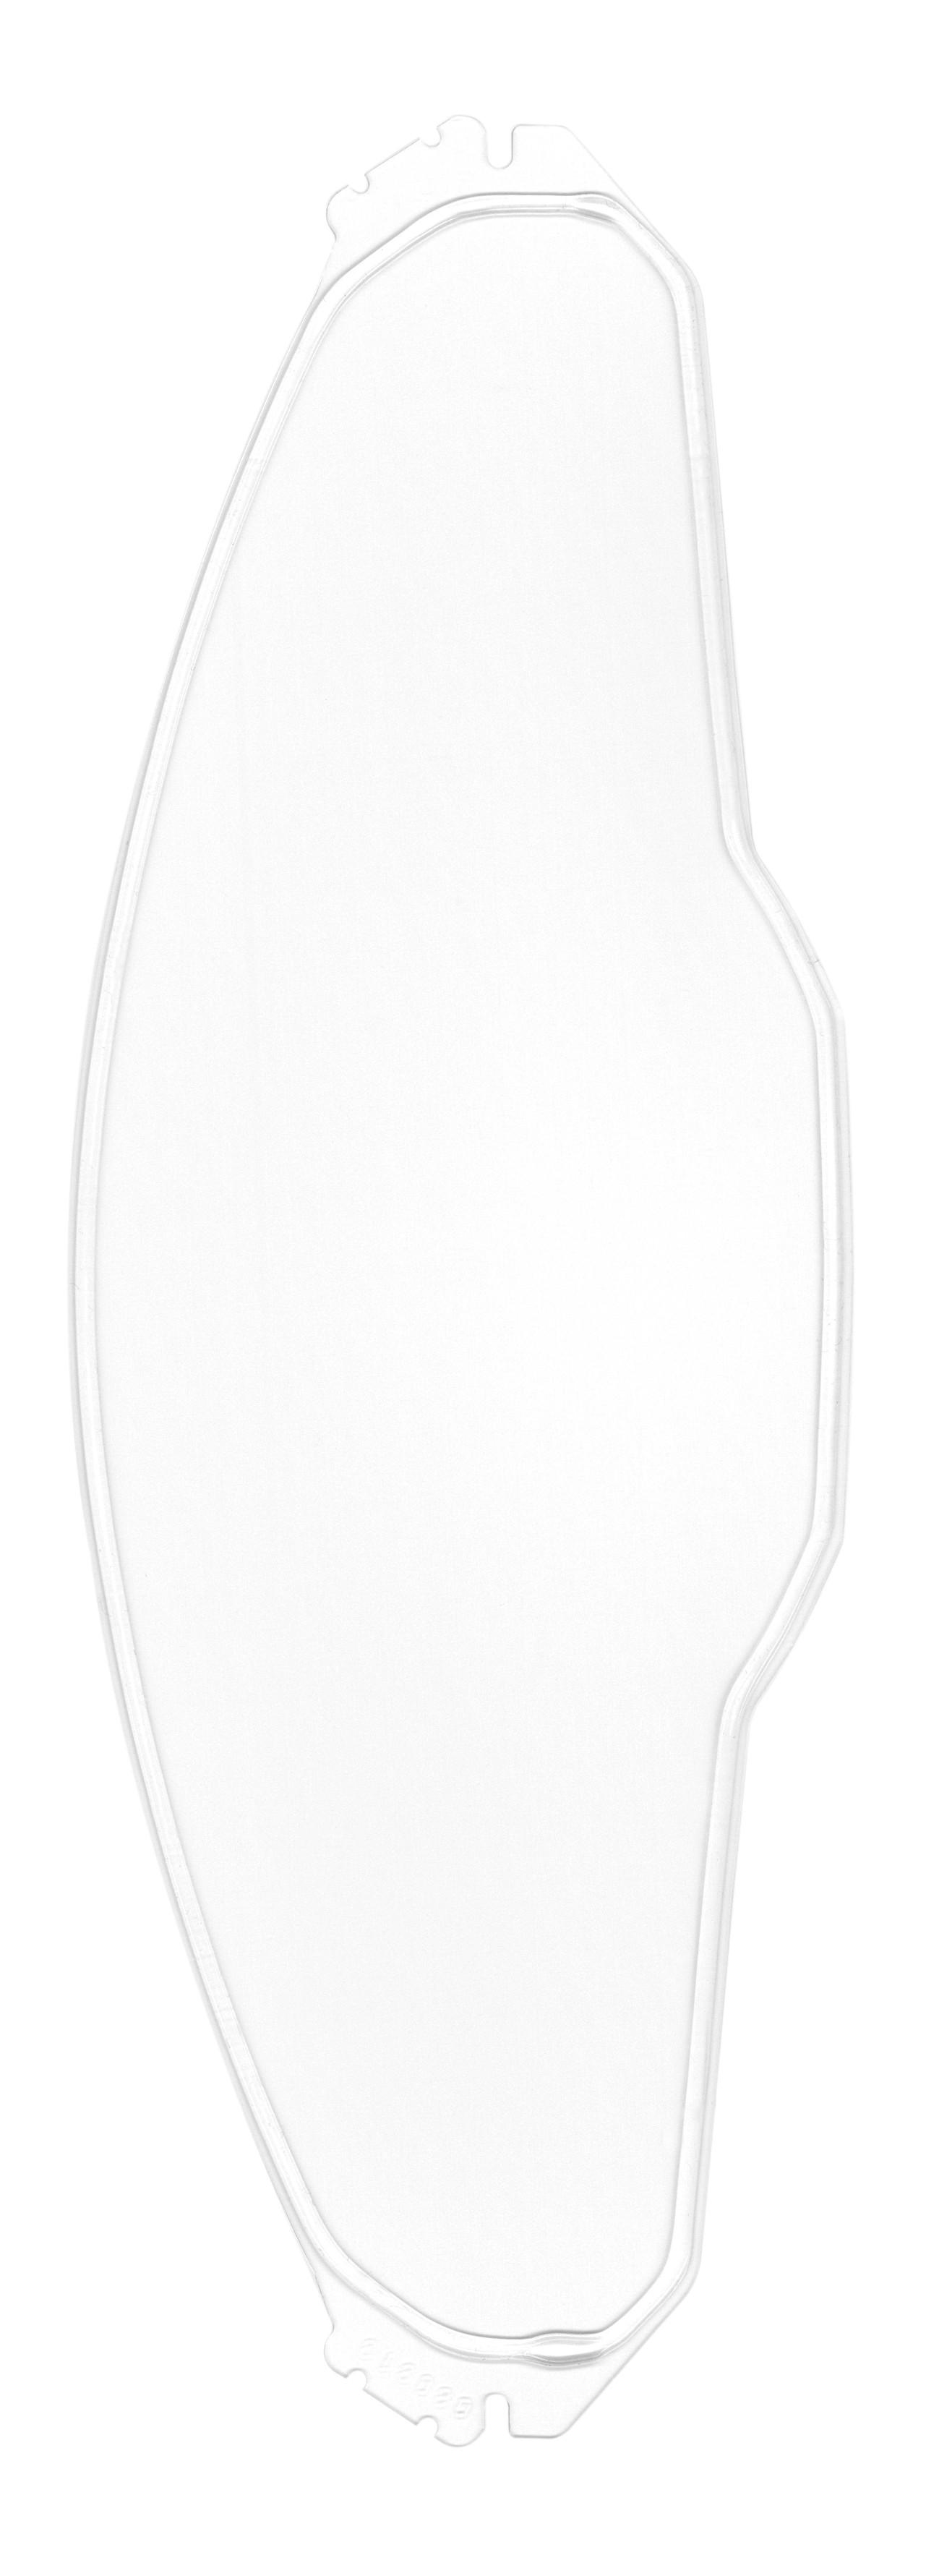 Arai SAI Pinlock Lens Inserts